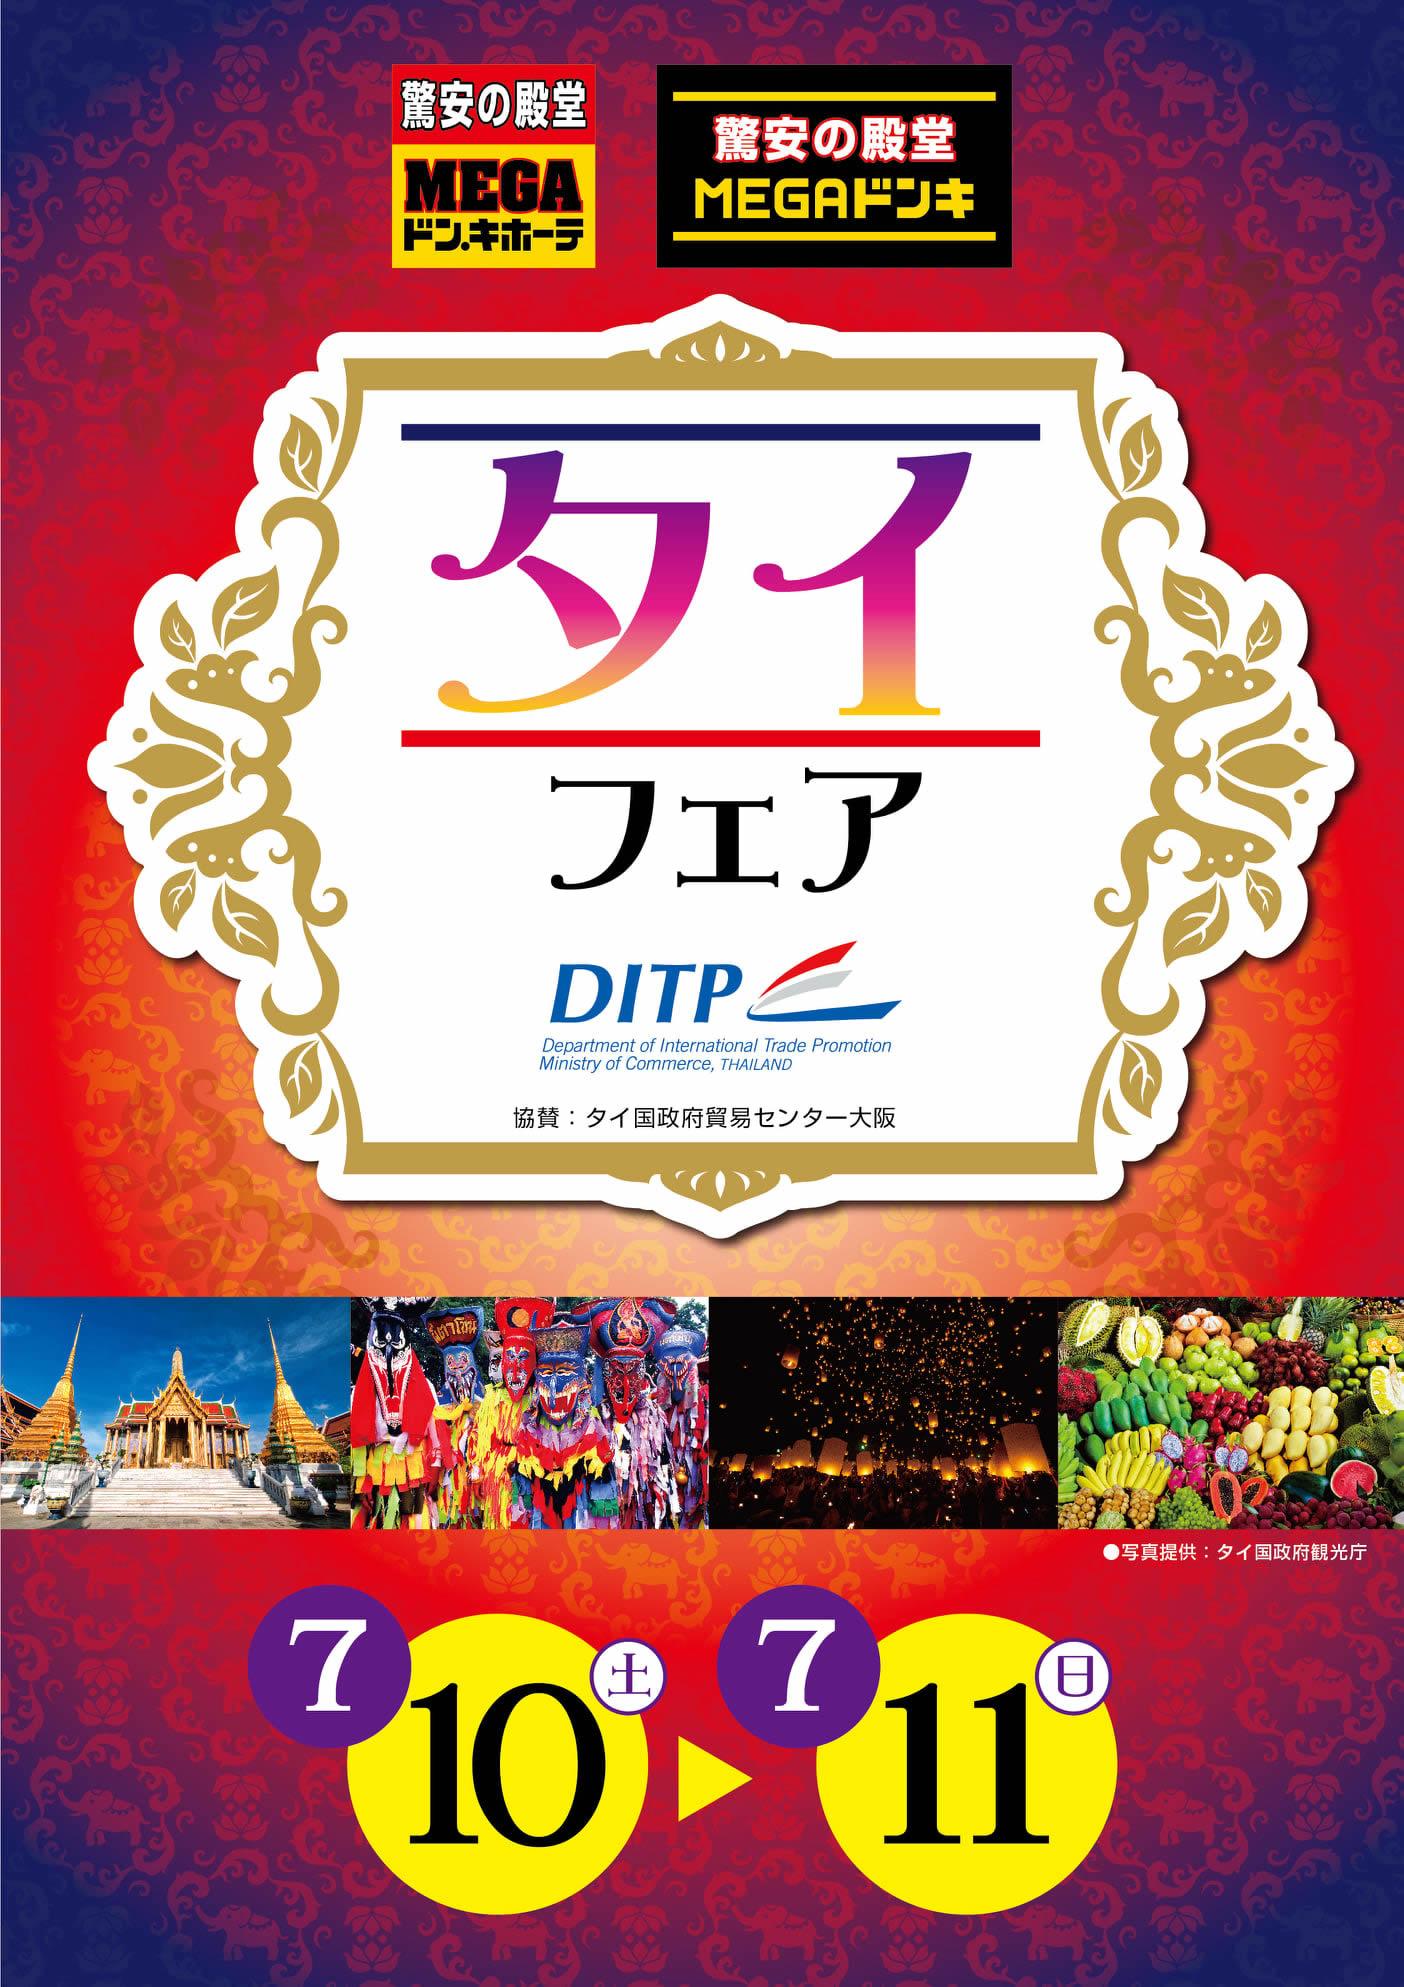 大阪などドンキ5店舗で「タイフェア」、2021年7月10日・11日